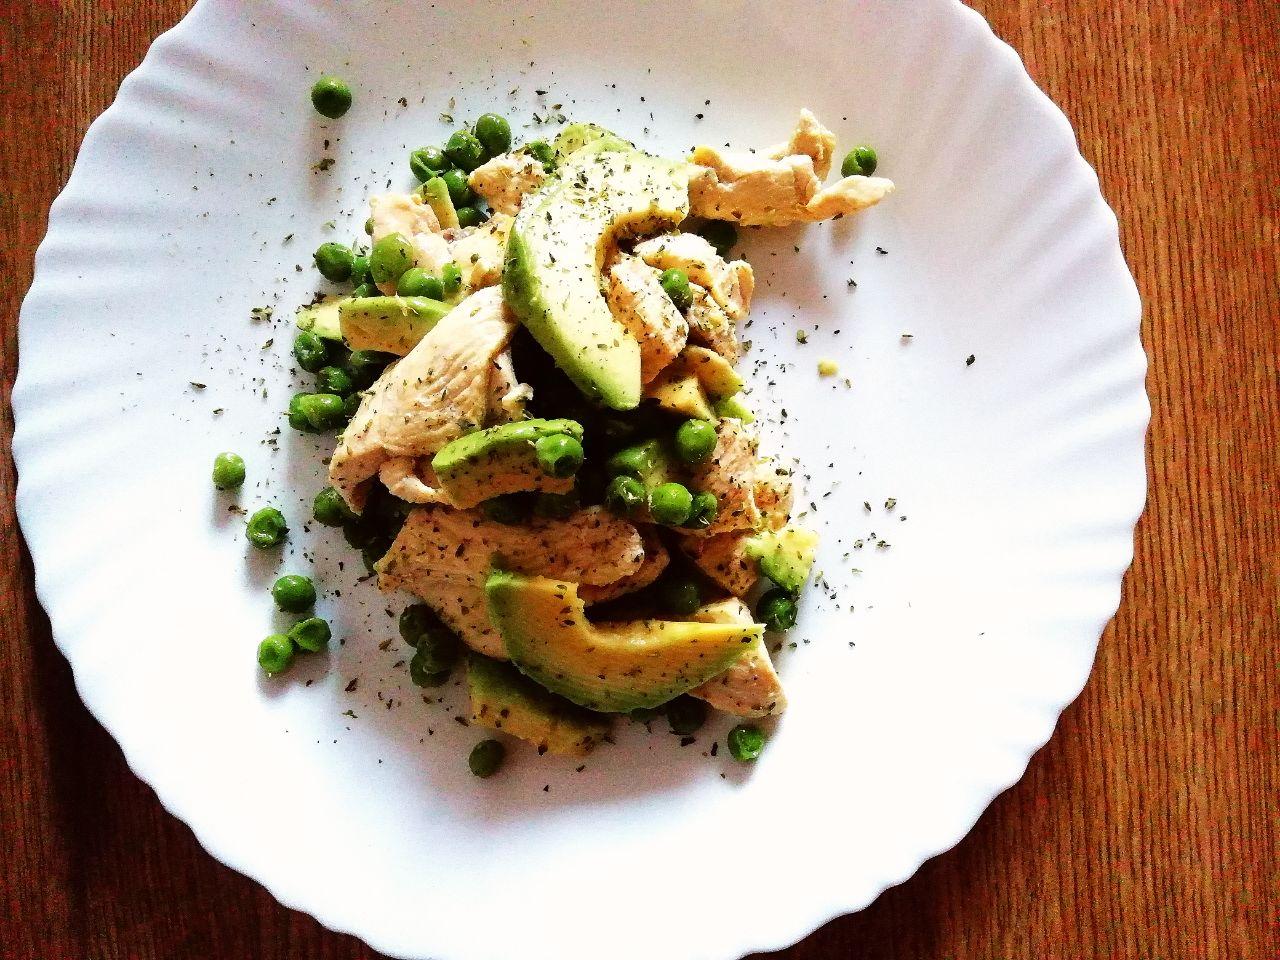 Ricette a base di carne: bocconcini di pollo con piselli e avocado!